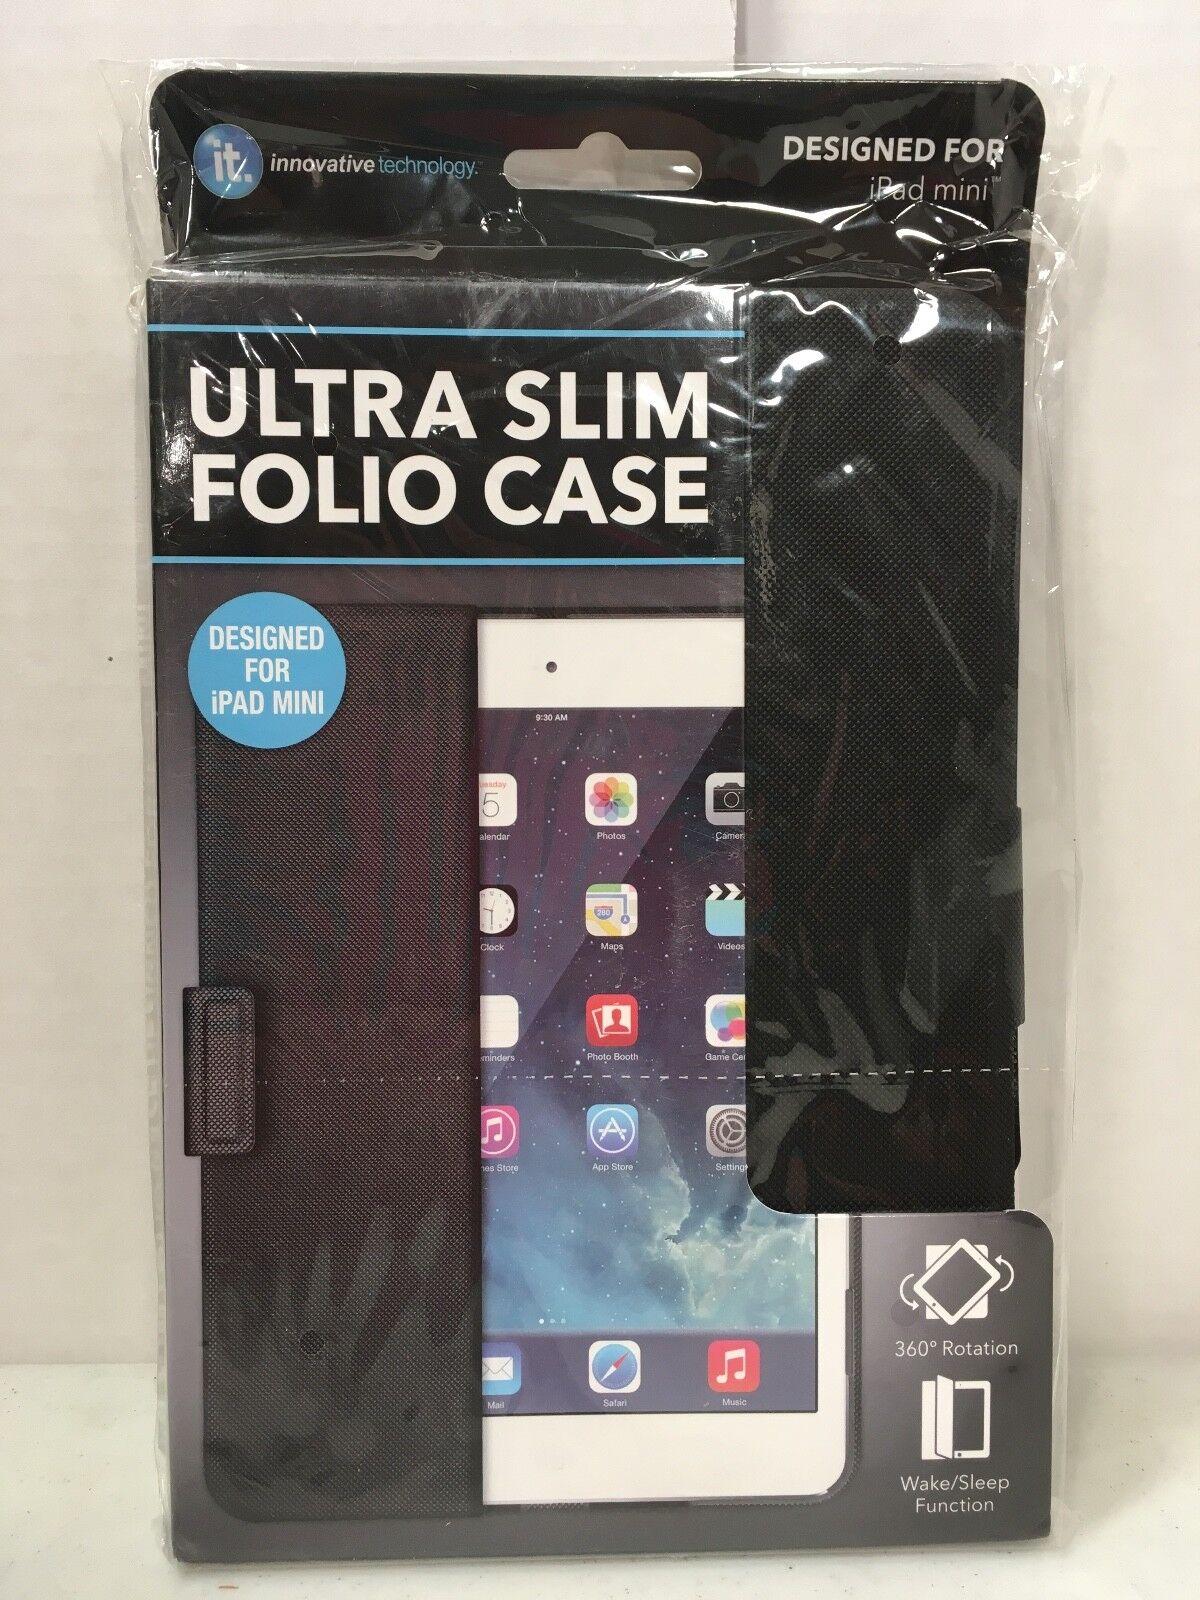 Folio Case Designed For iPad Mini IT Innovative Technology U